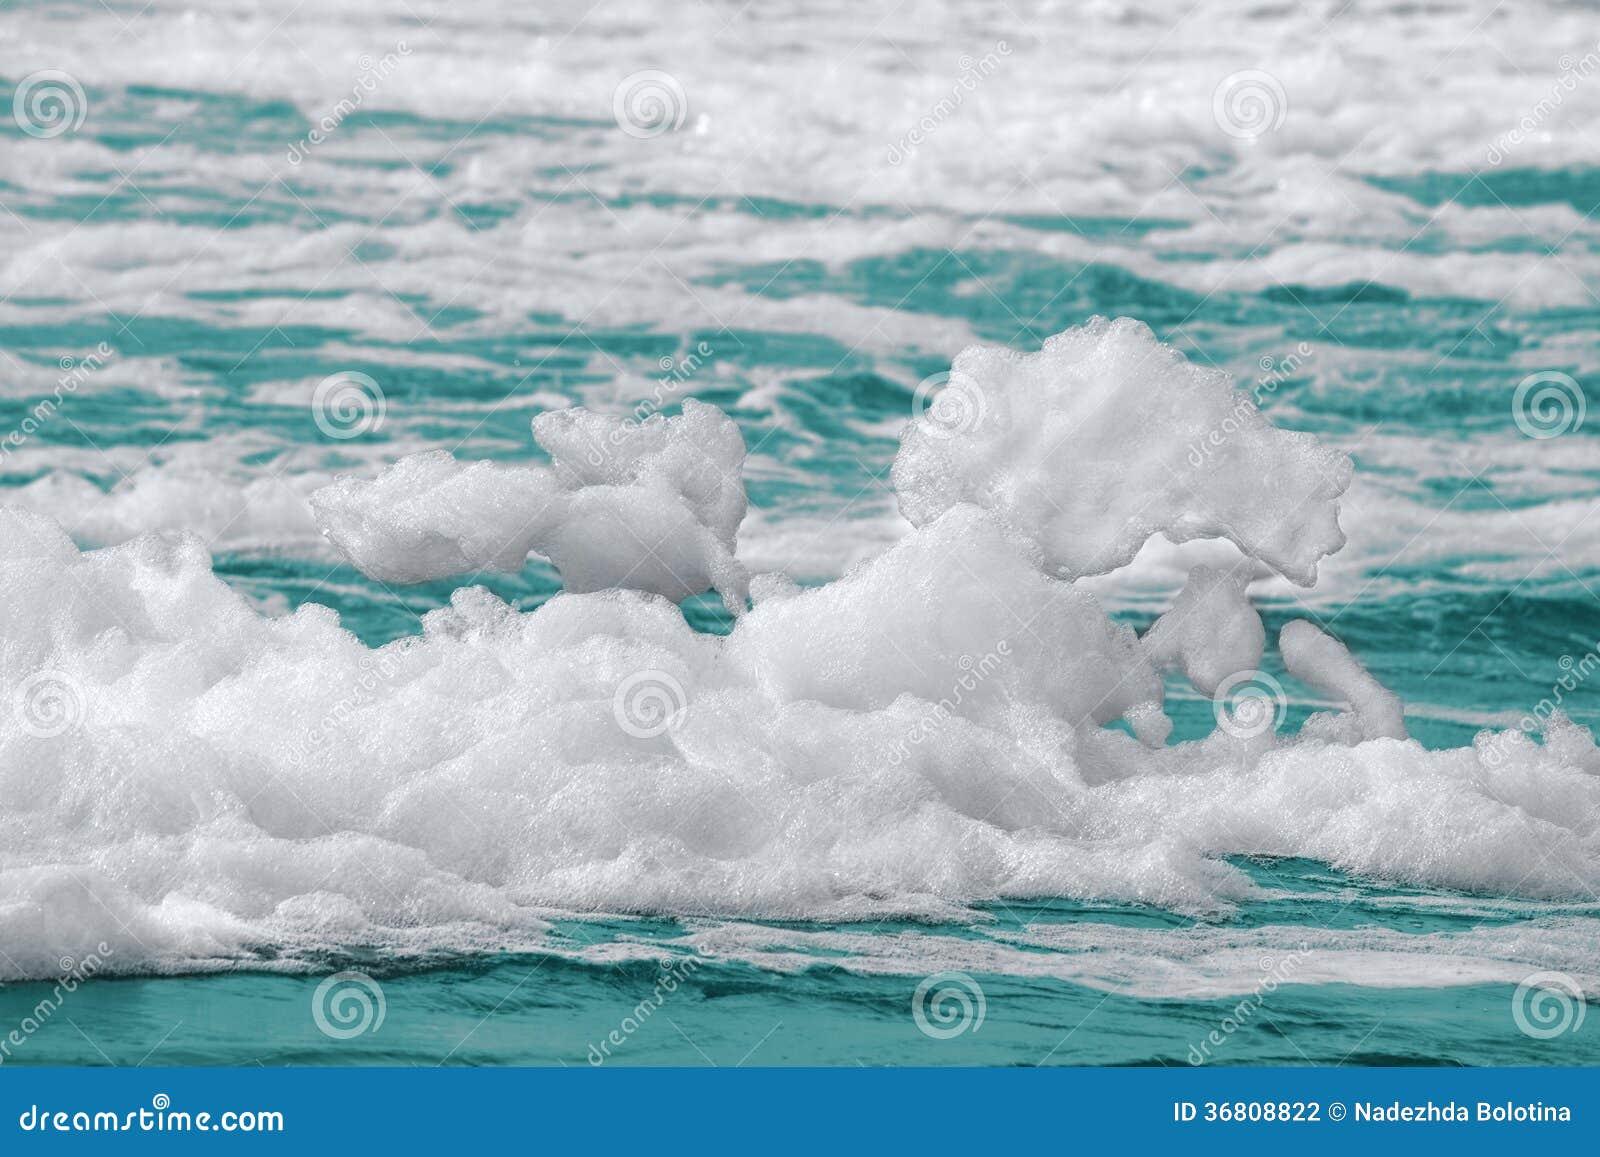 泡沫适用于_海水表面上的白色泡沫.